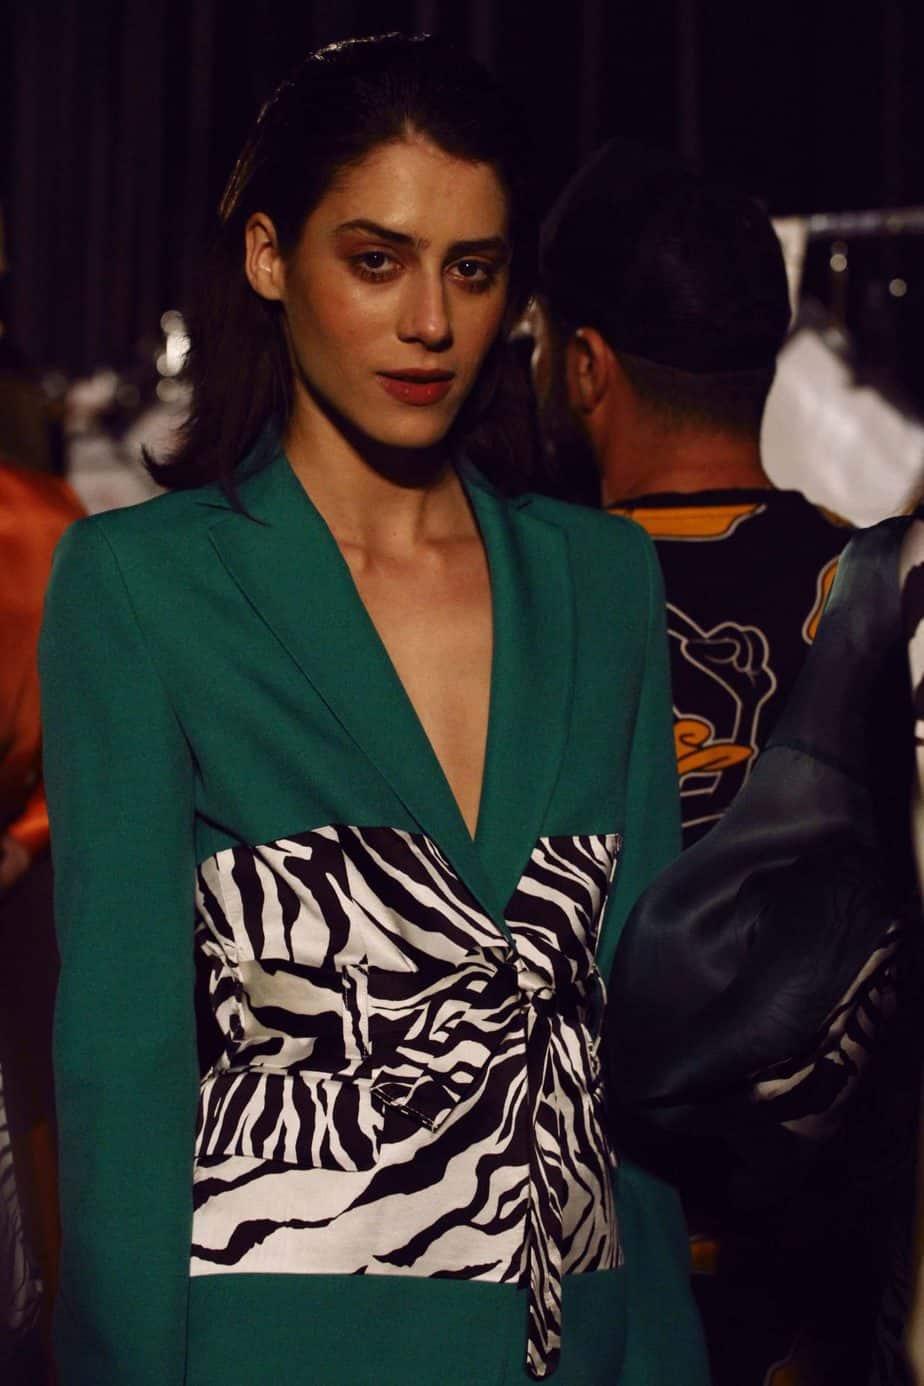 שי שלום. שבוע האופנה תל אביב 2019. צילום עומר רביבי - 8